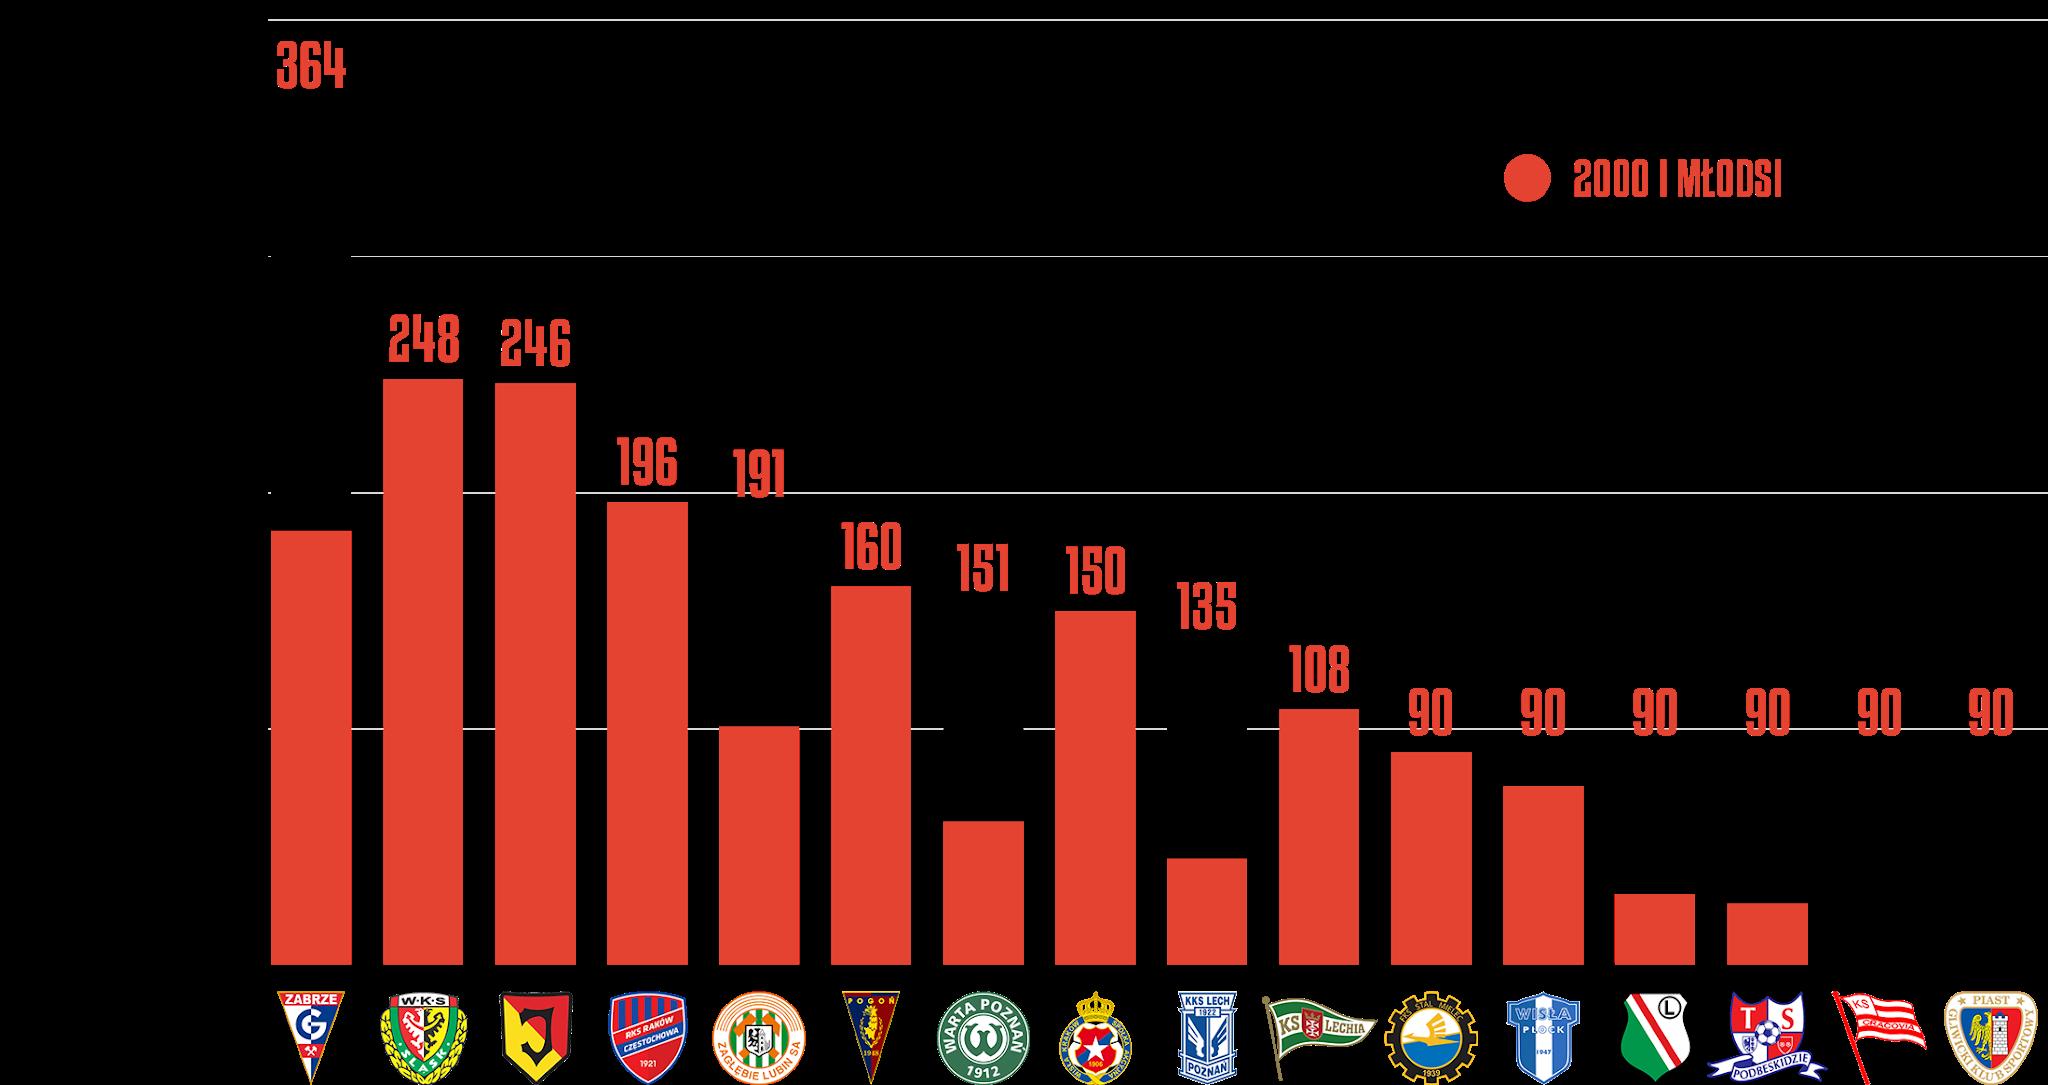 Klasyfikacja klubów pod względem rozegranego czasu przez młodzieżowców w25.kolejce PKO Ekstraklasy<br><br>Źródło: Opracowanie własne na podstawie ekstrastats.pl<br><br>graf. Bartosz Urban